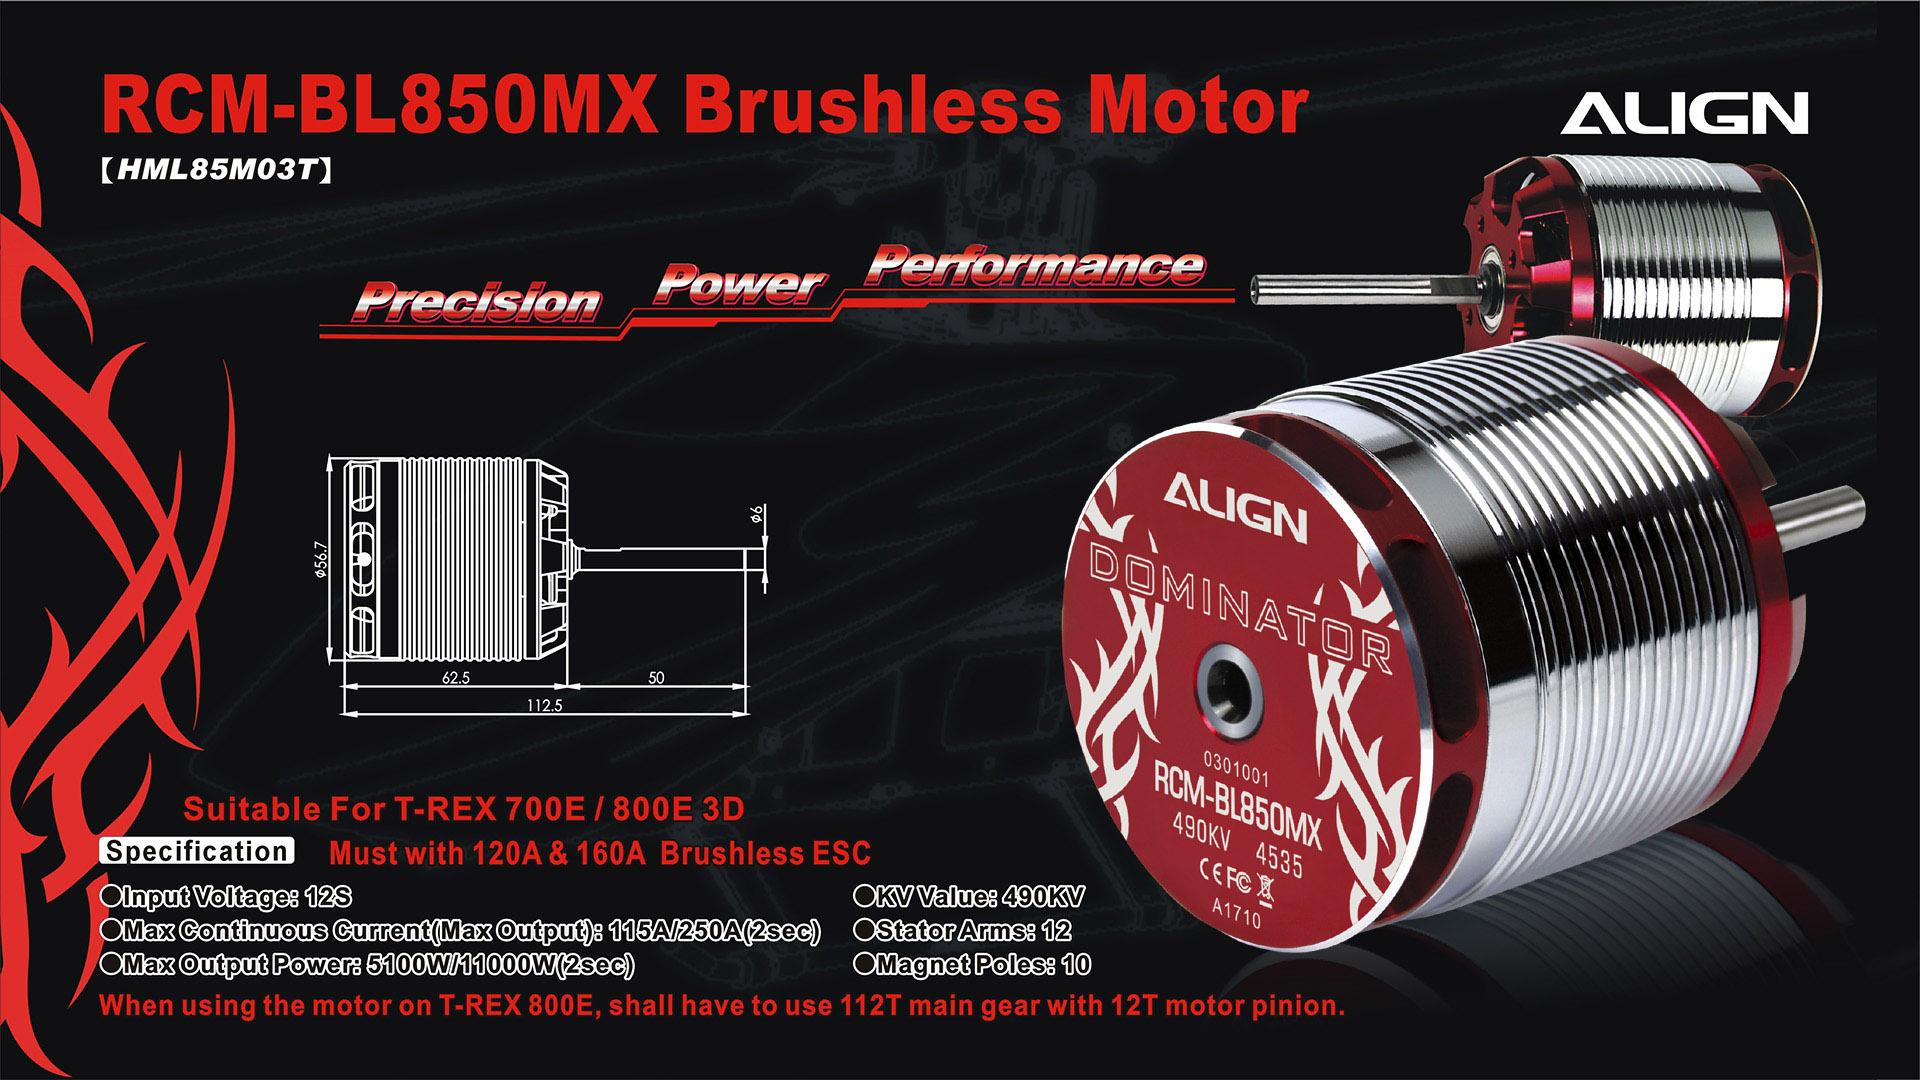 Align Hml85m03 850mx Brushless Motor 490kv Buy Now